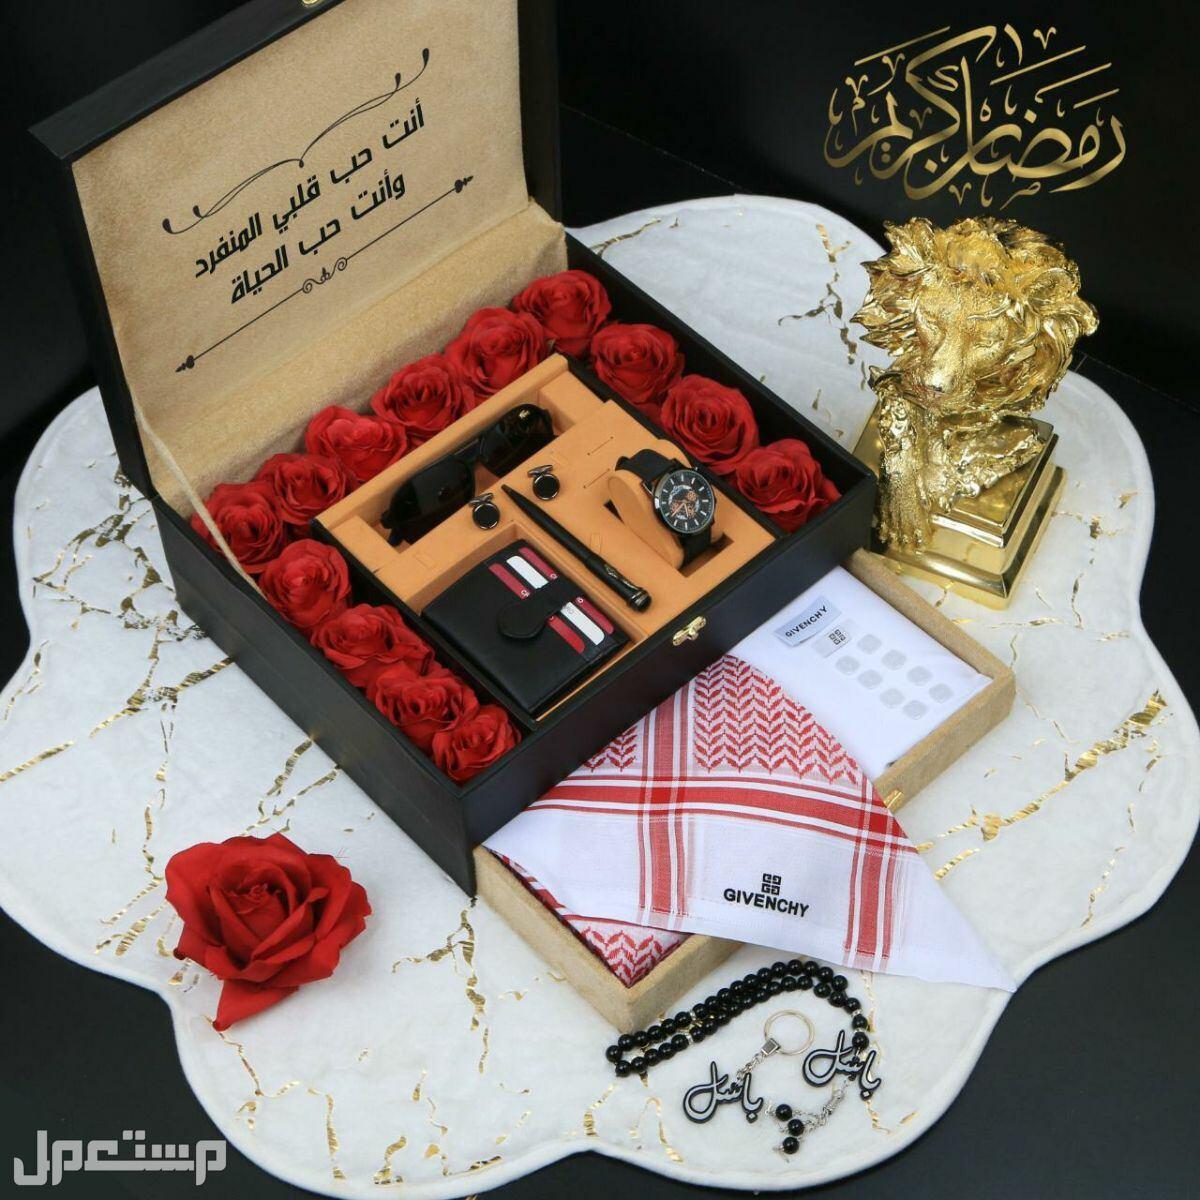 بكس هدايا ملكي دورين # اهدي من تحب وبافضل الخامات